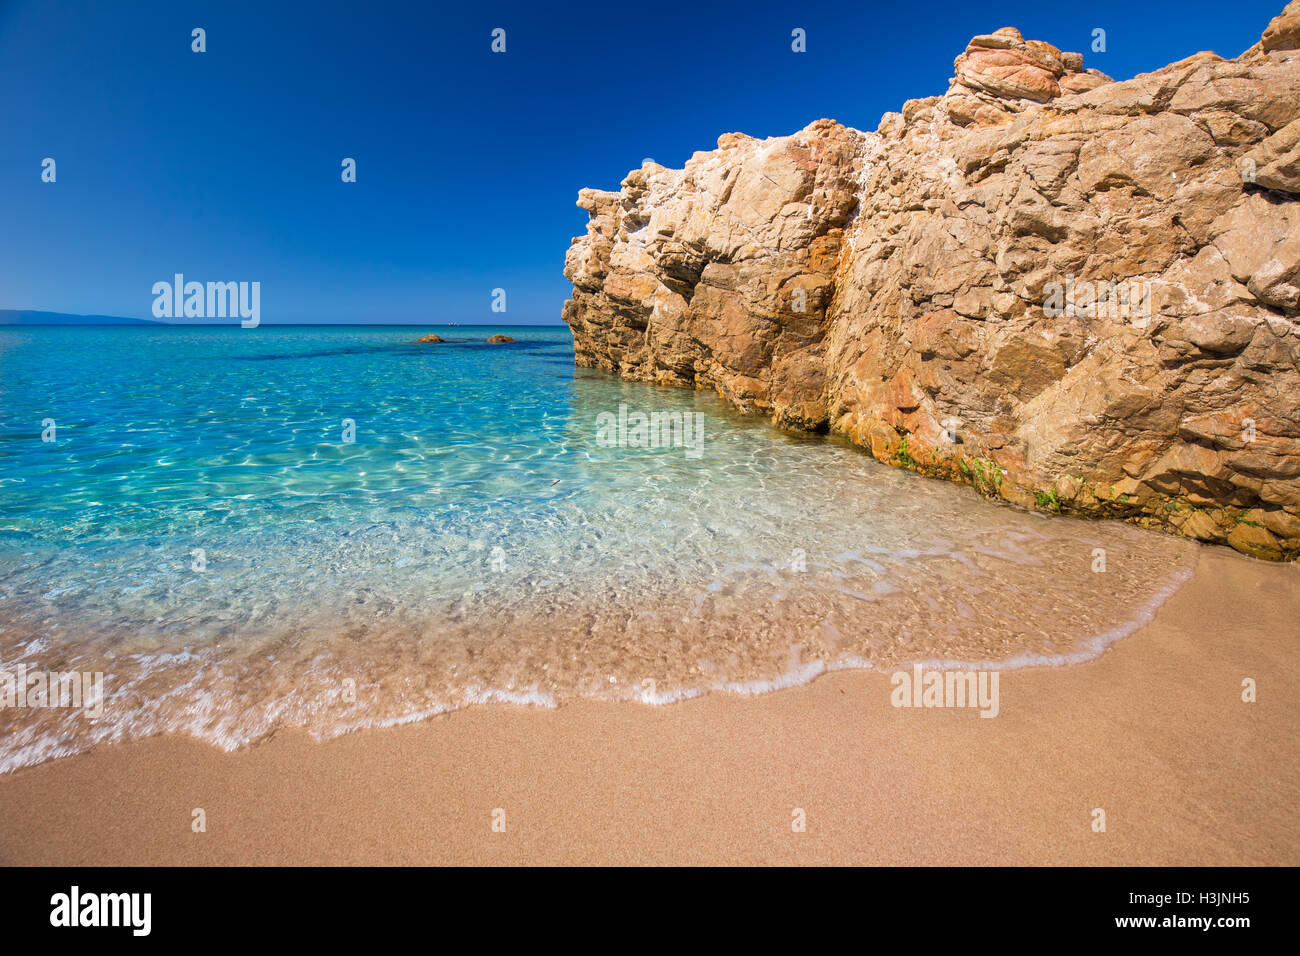 Hermosa playa de arena con zonas de rocas y agua clara tourquise cerca Cargese, Córcega, Francia, Europa. Imagen De Stock